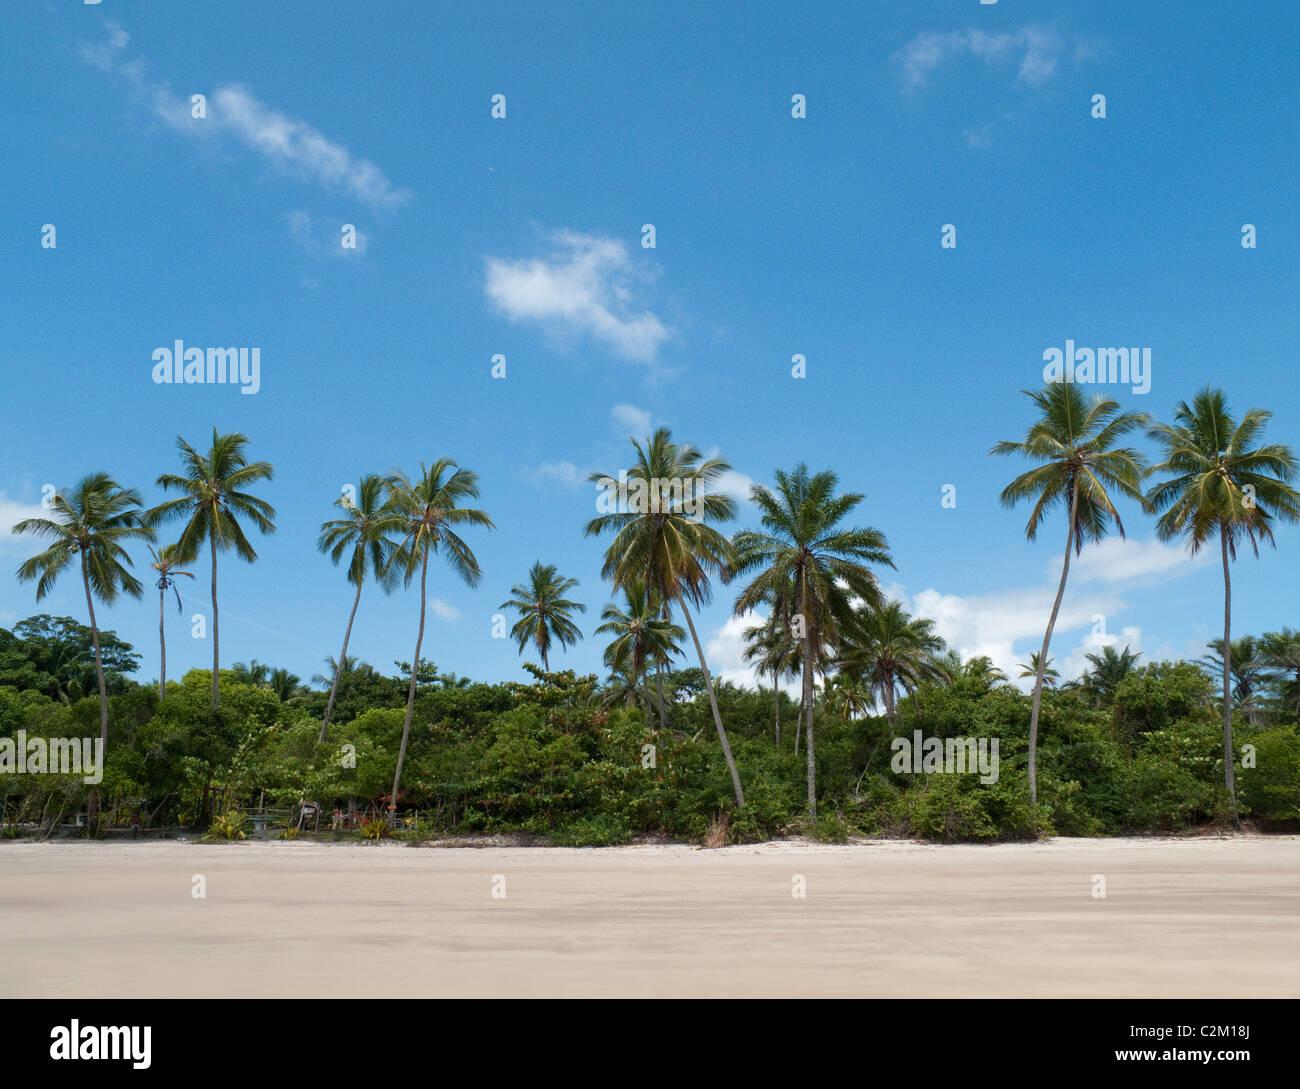 Palmeiras na praia, Ilha de Boipeba, Bahia, Brasil Imagens de Stock